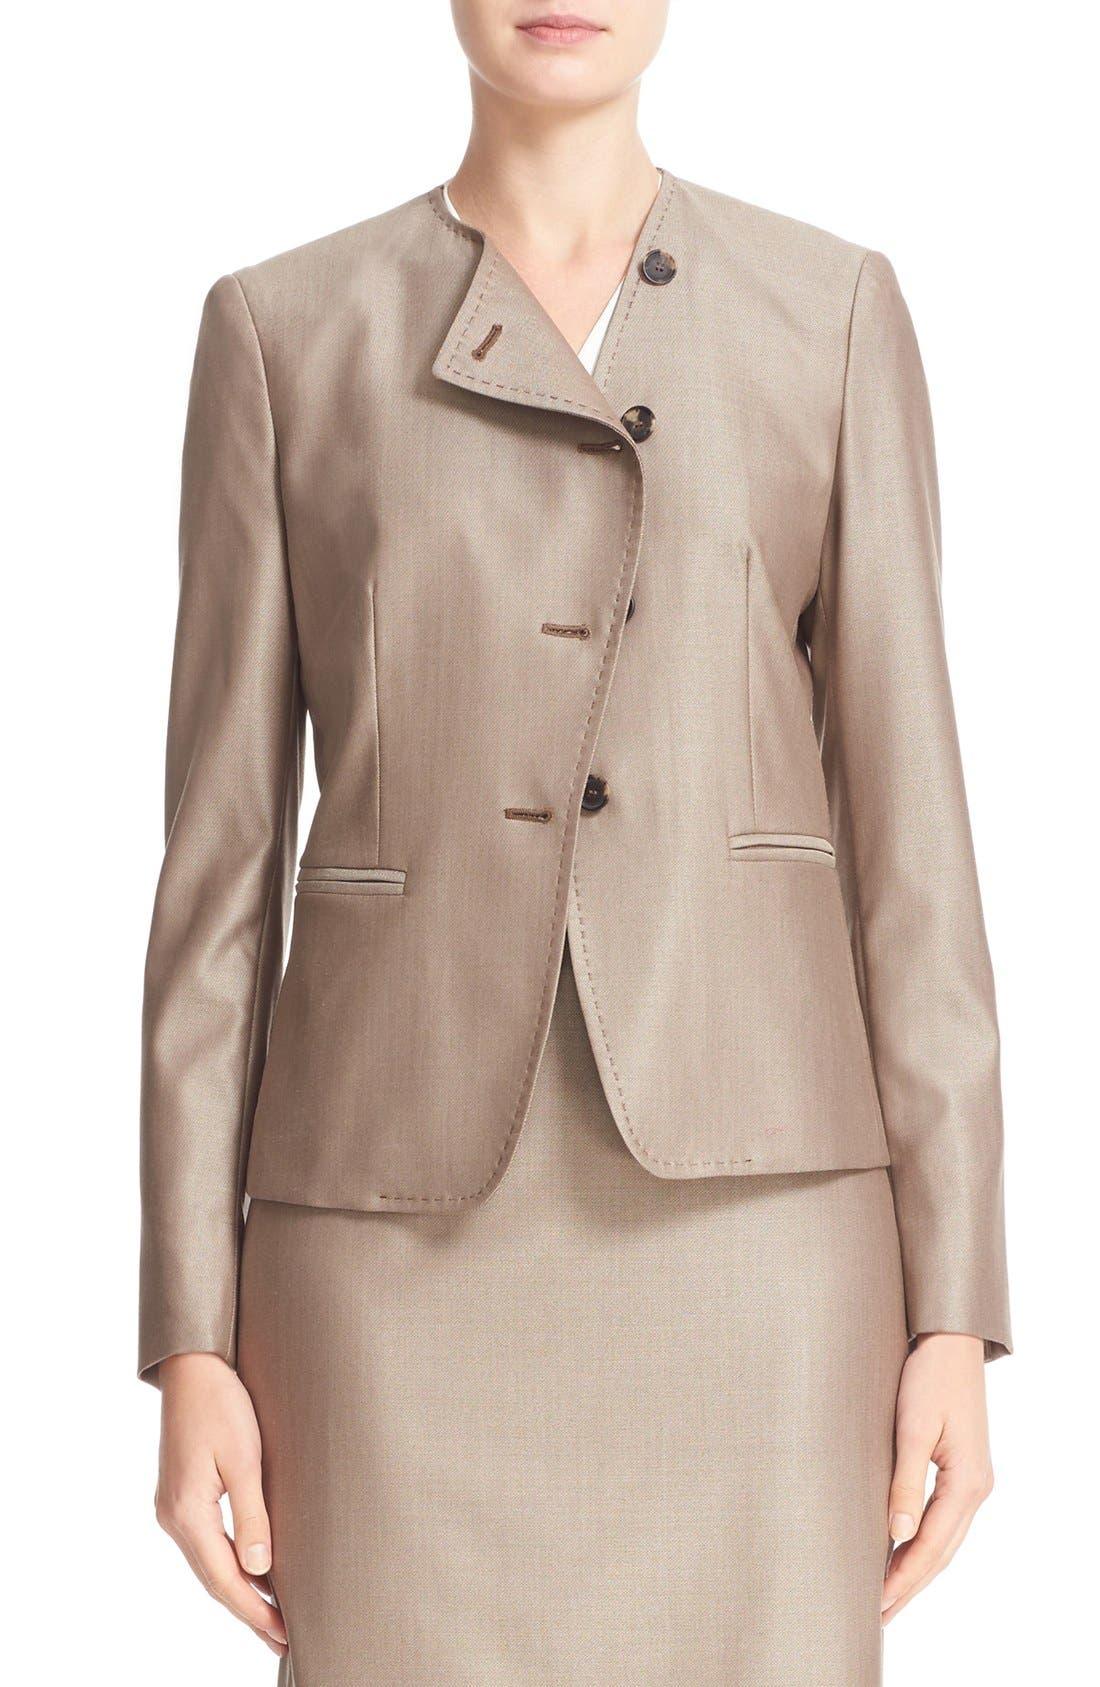 Erba Asymmetrical Jacket,                         Main,                         color, 220